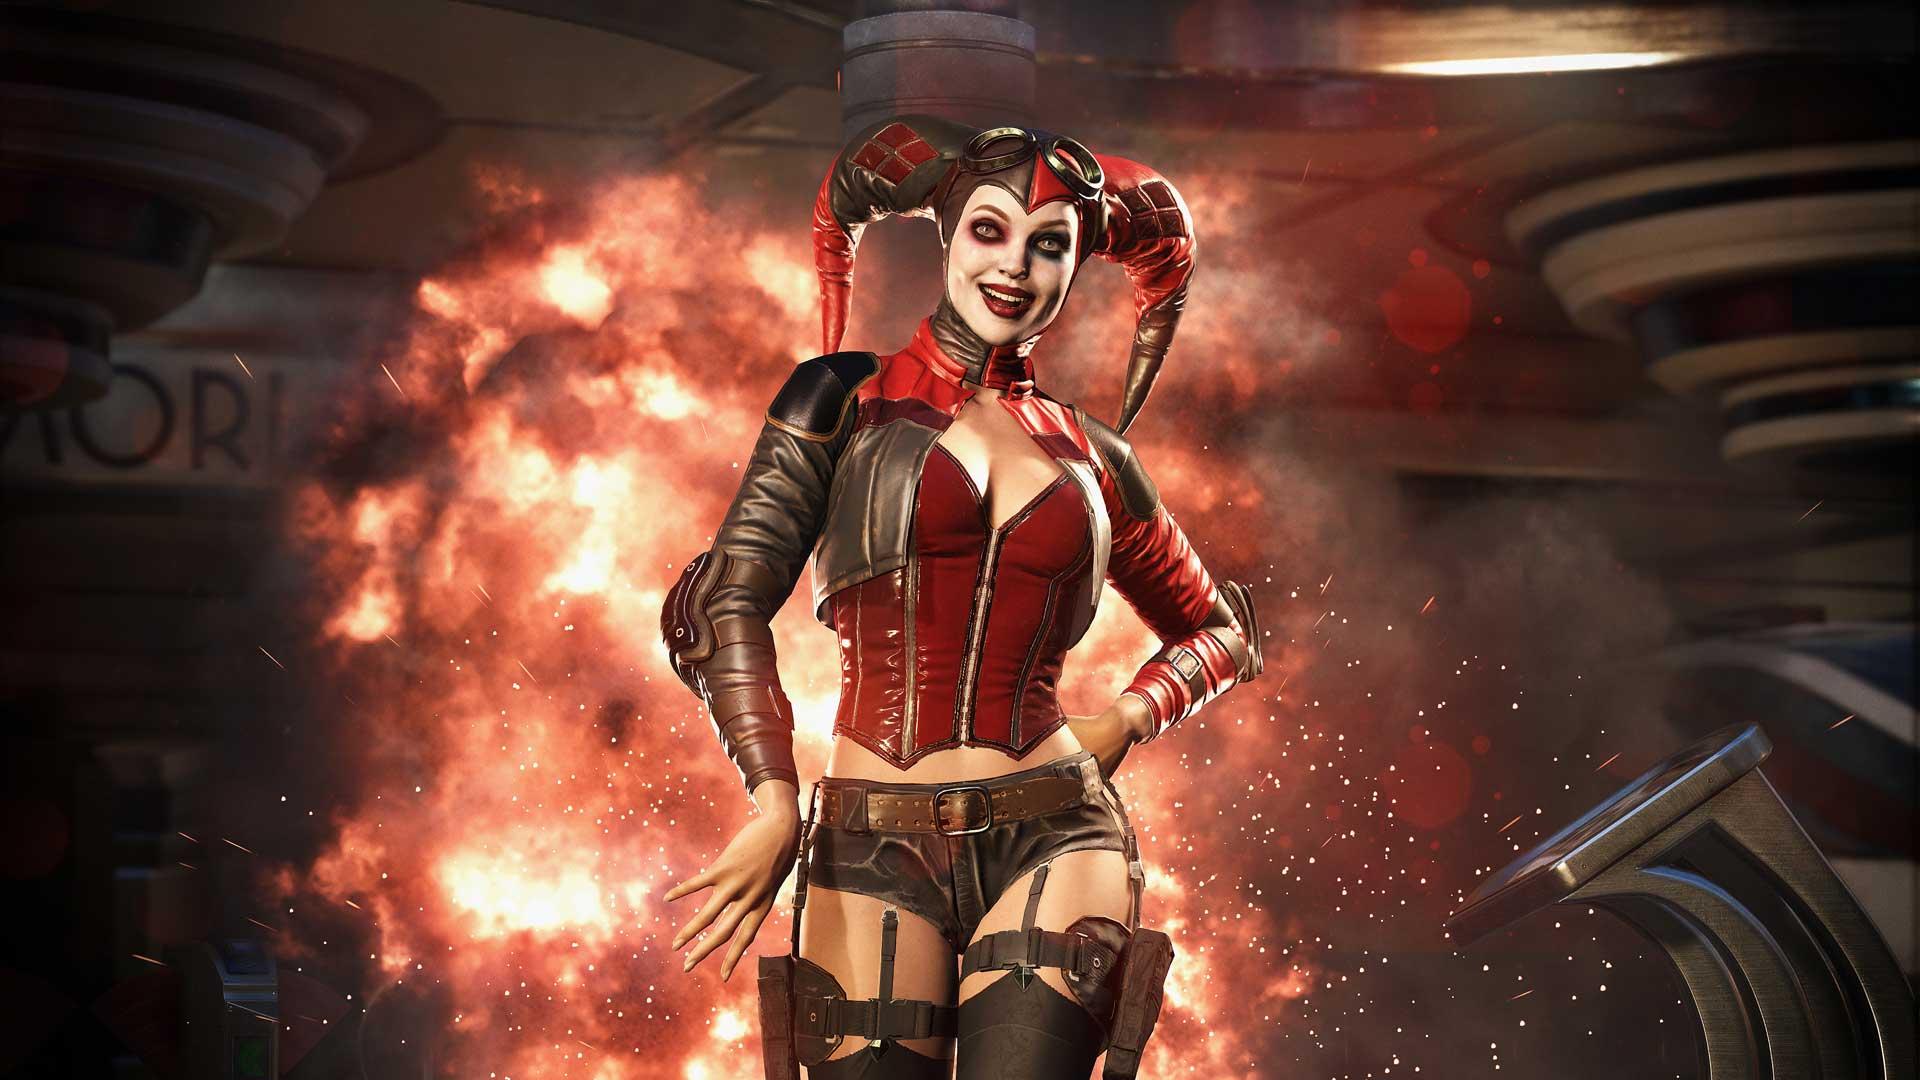 Скриншот №4 к Комплект Ultimate-издание MK11 + Injustice 2 - лег. издание